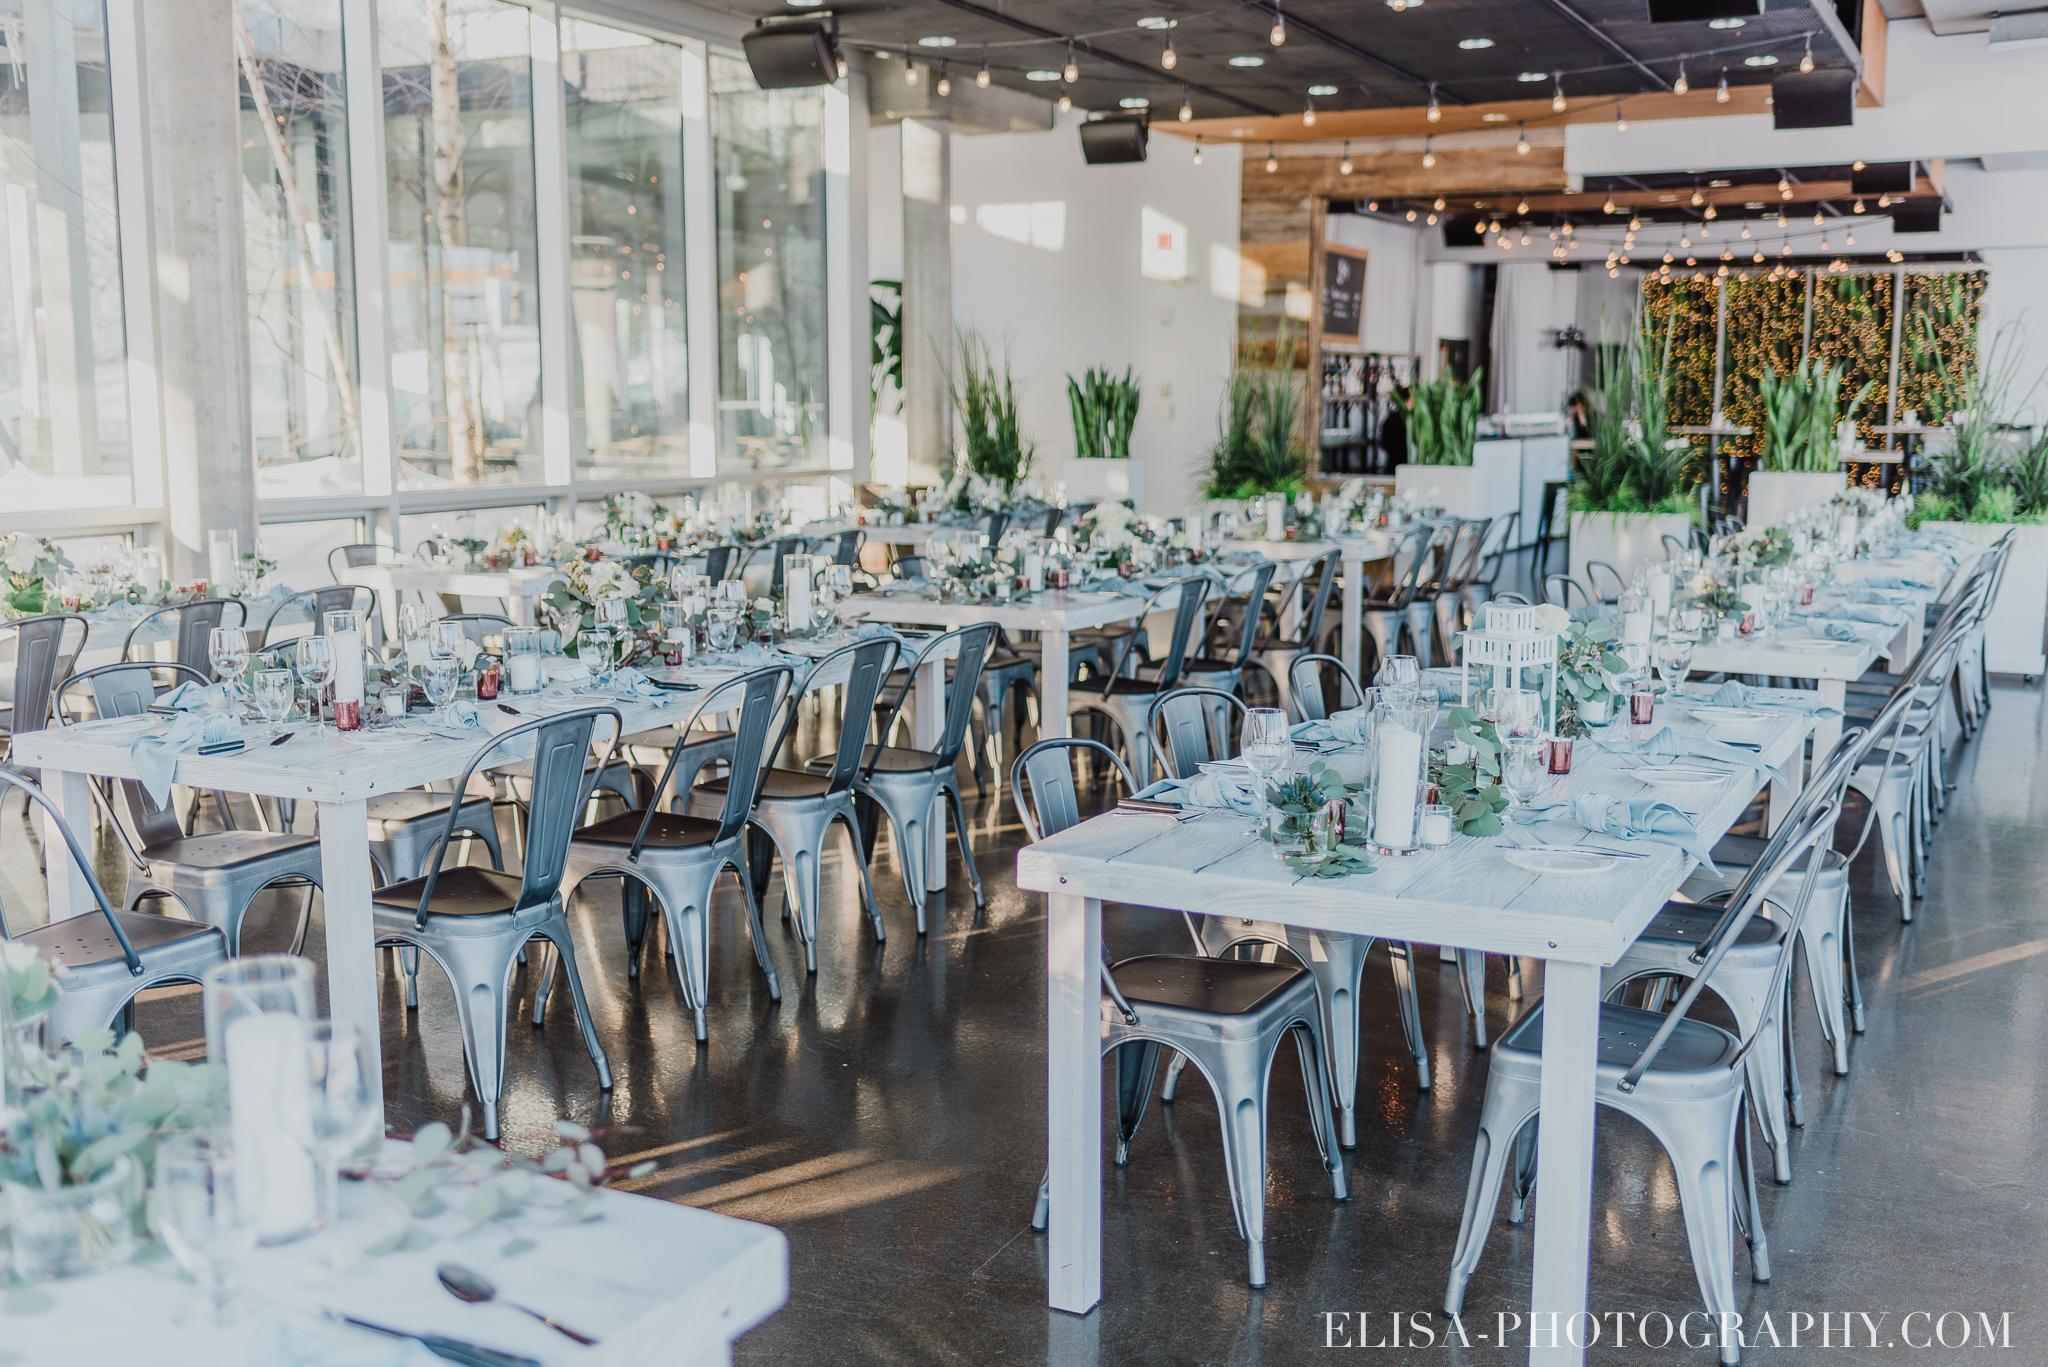 photo mariage hiver salle quai cap blanc port quebec reception magique 2849 - Un chaleureux mariage hivernal à la salle du Quai du Cap Blanc, Québec